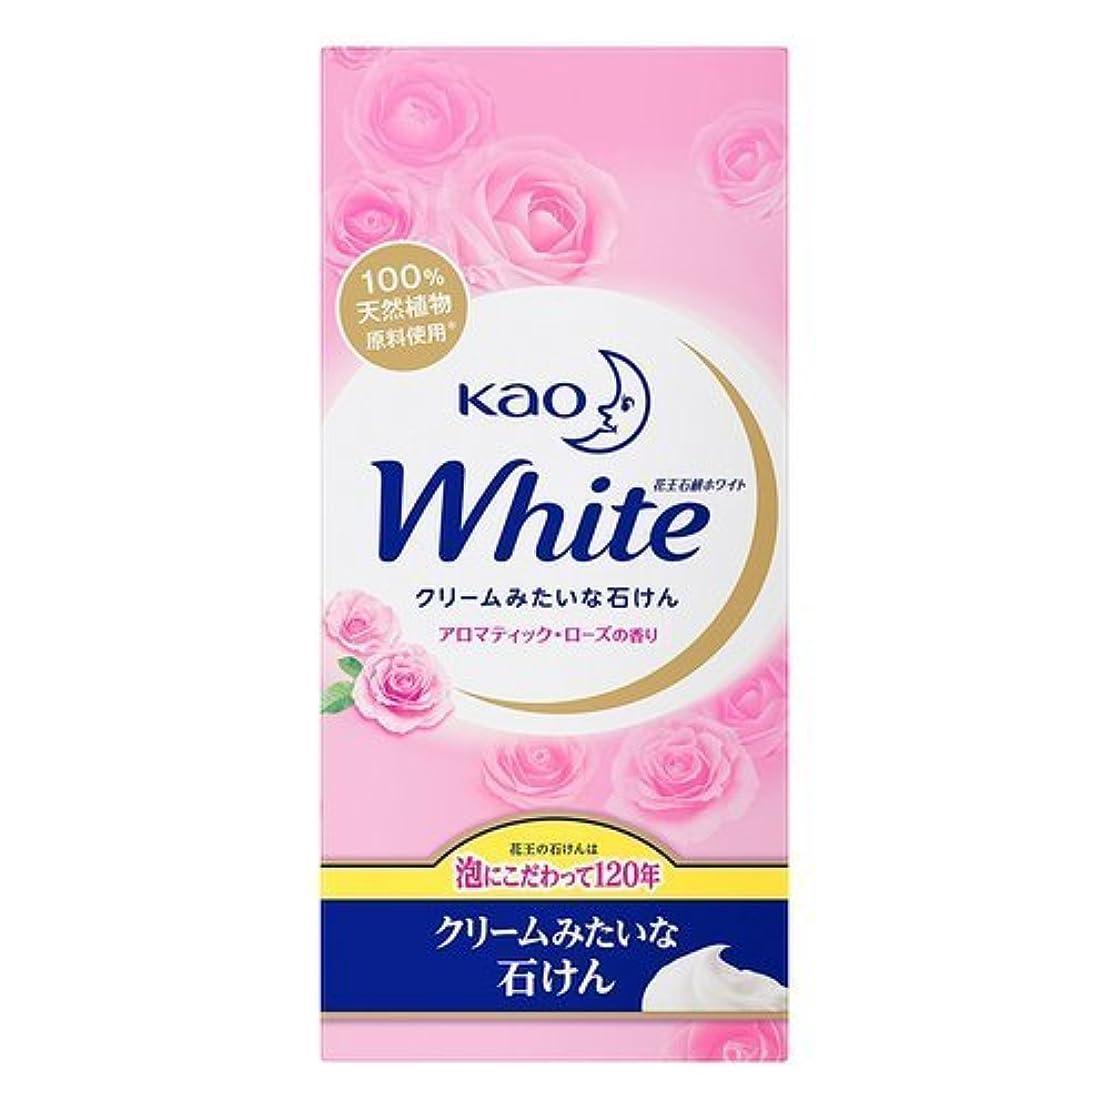 構想する明確なある花王ホワイト アロマティックローズ レギュラー 6個箱 85g×6